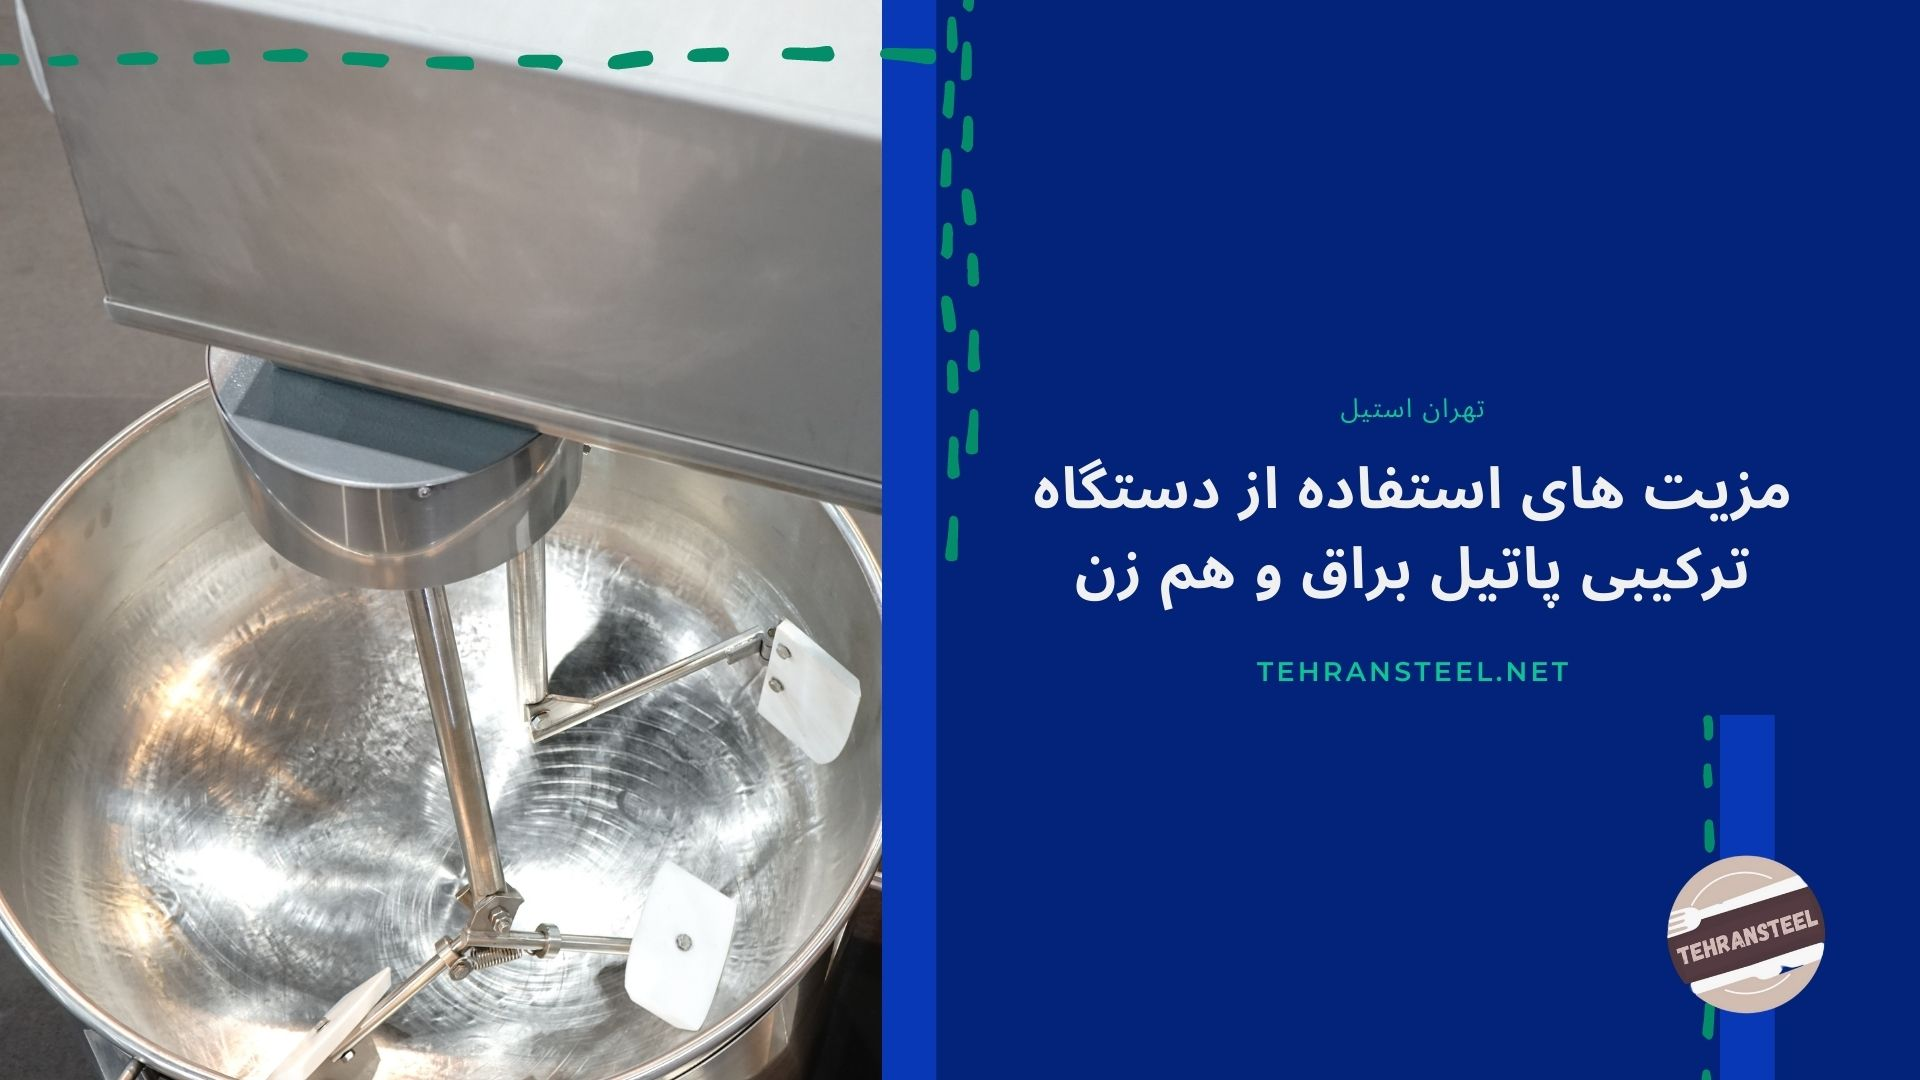 مزیت های استفاده از دستگاه ترکیبی پاتیل براق و هم زن